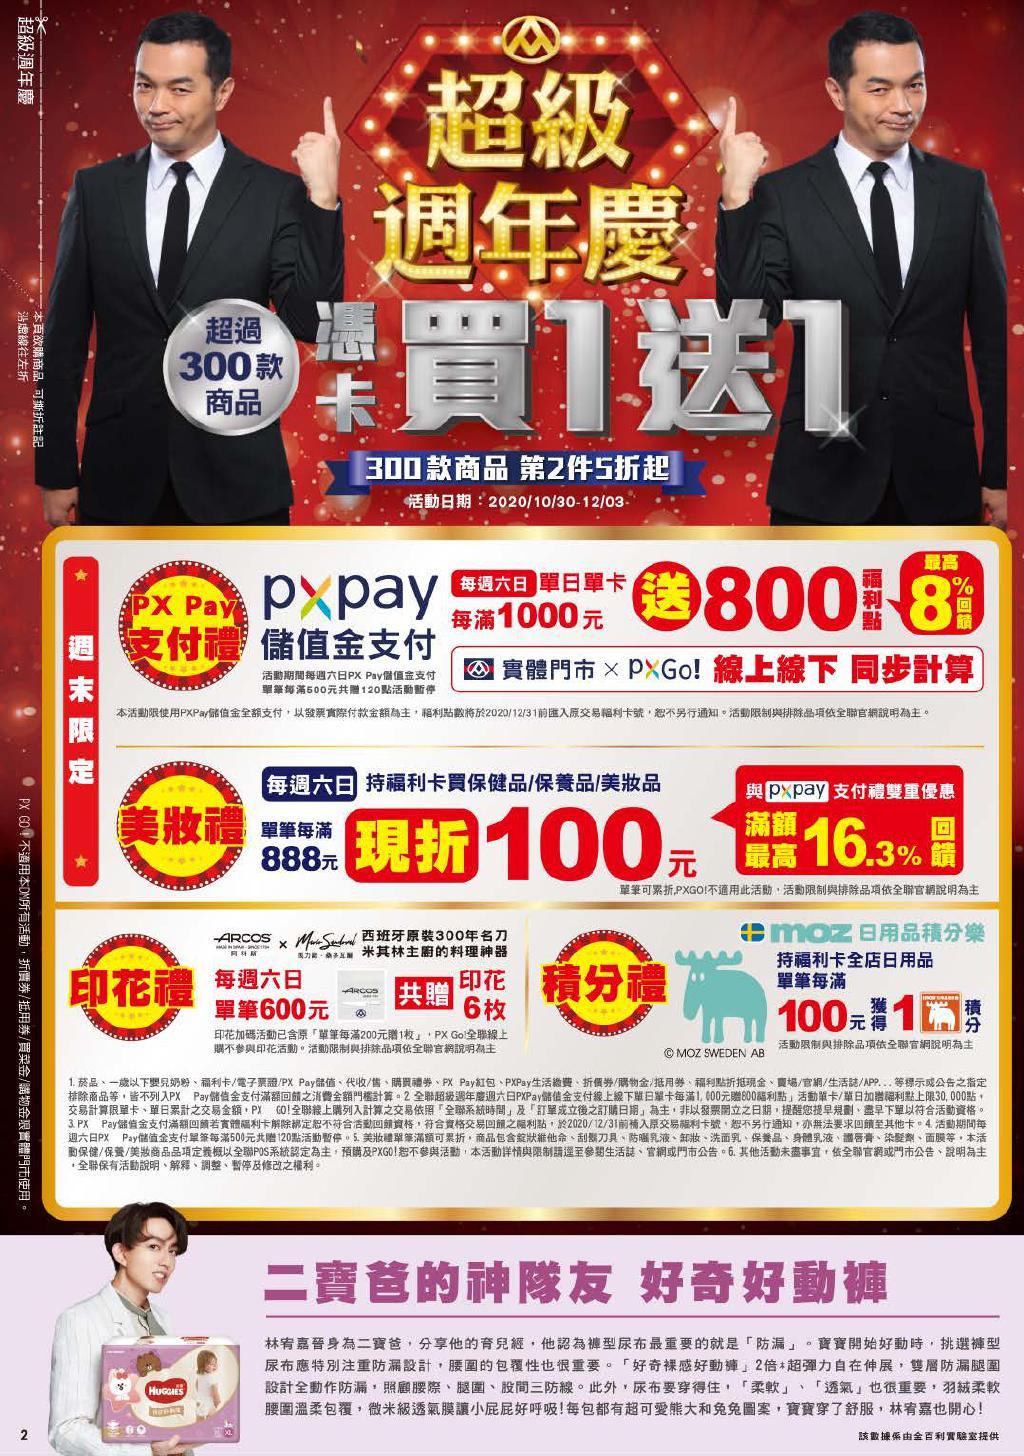 pxmart20201119_000002.jpg